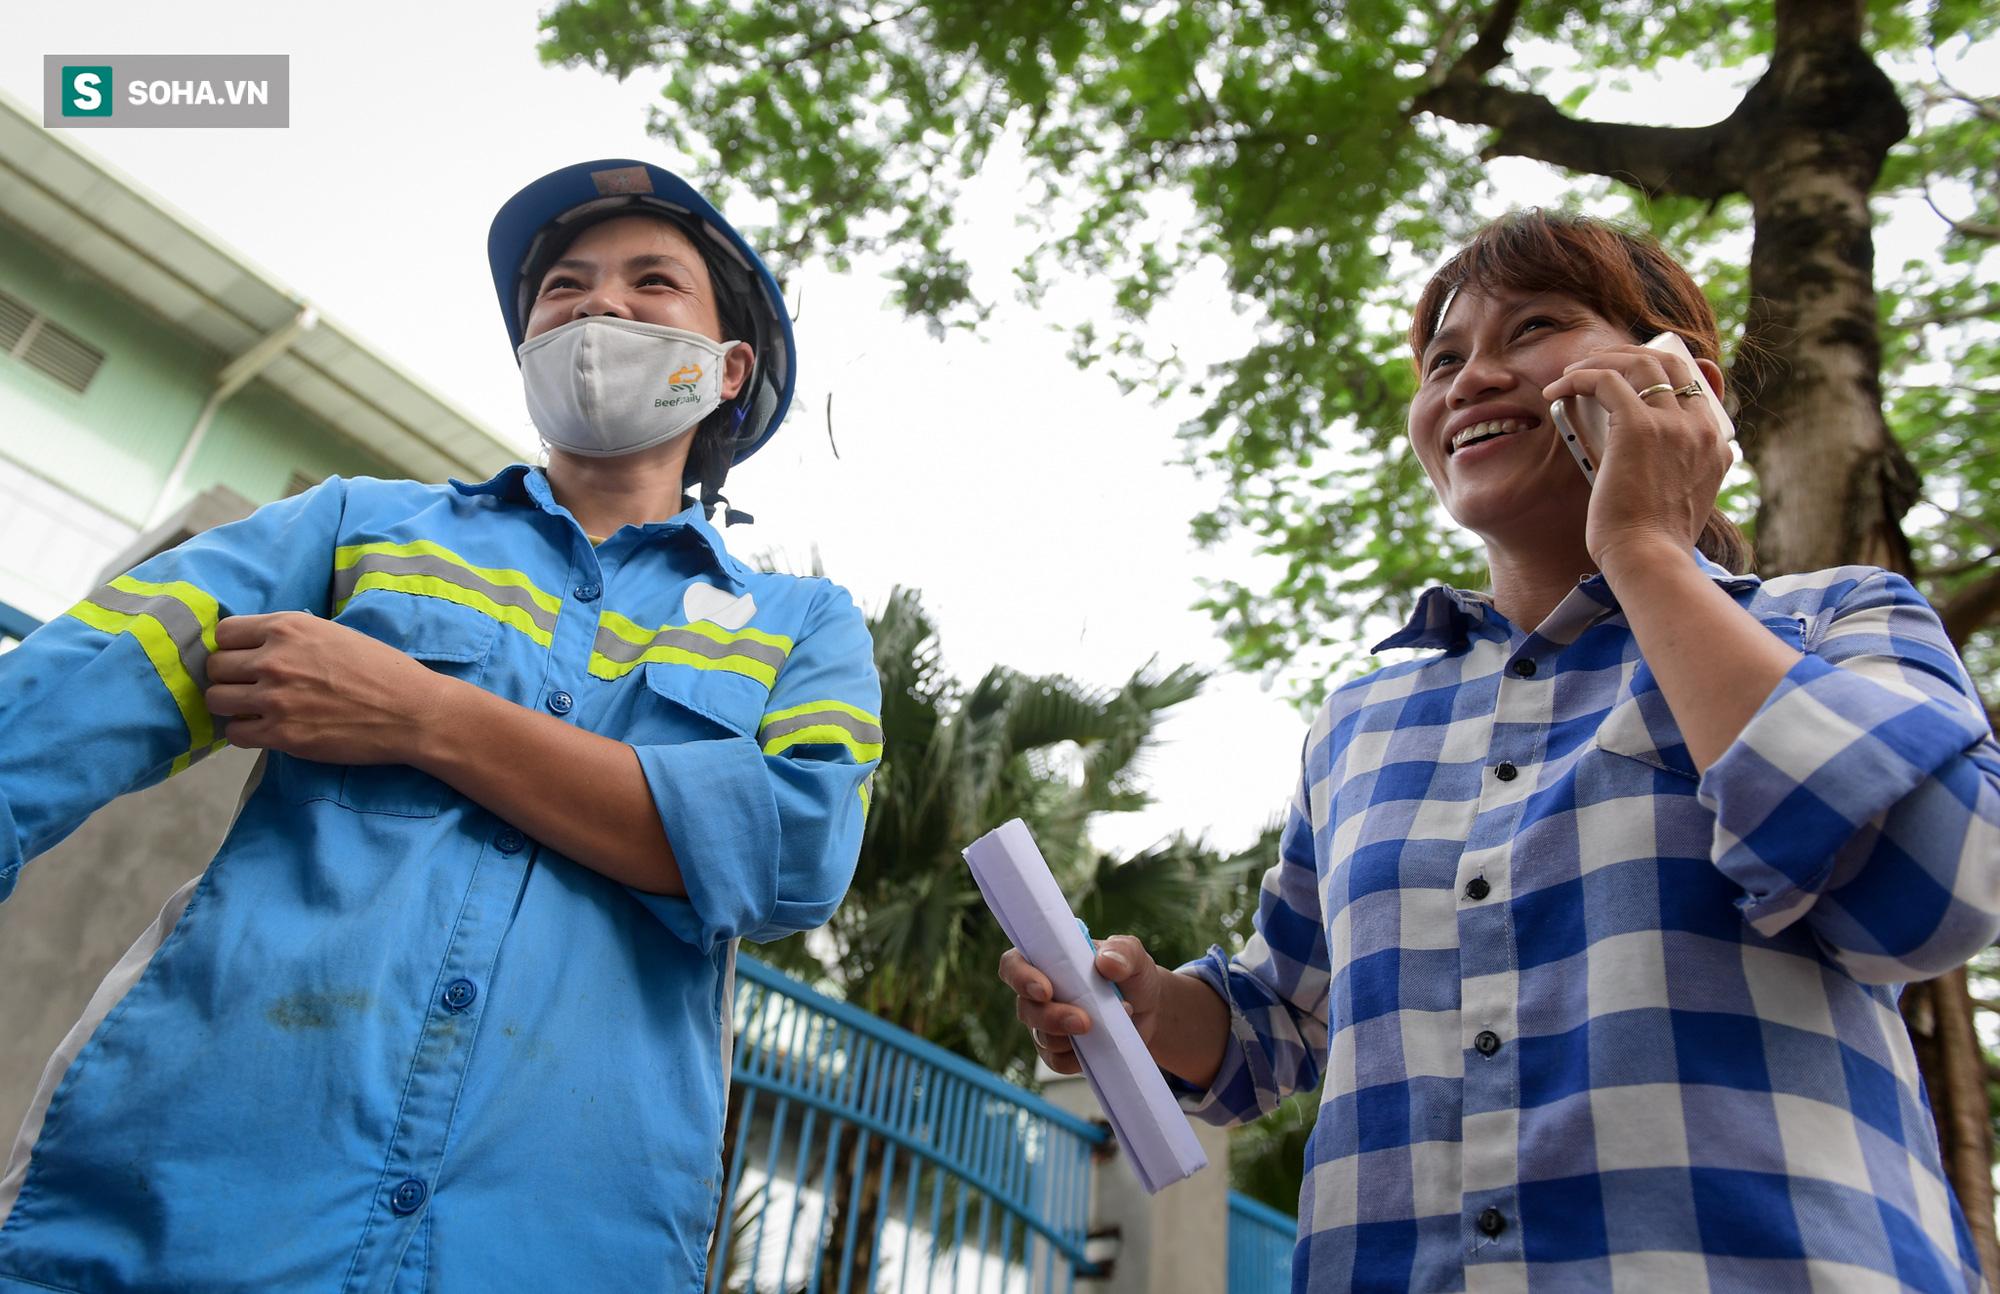 Giọt nước mắt những công nhân thu gom rác bị nợ lương khi được trao quà hỗ trợ - Ảnh 7.